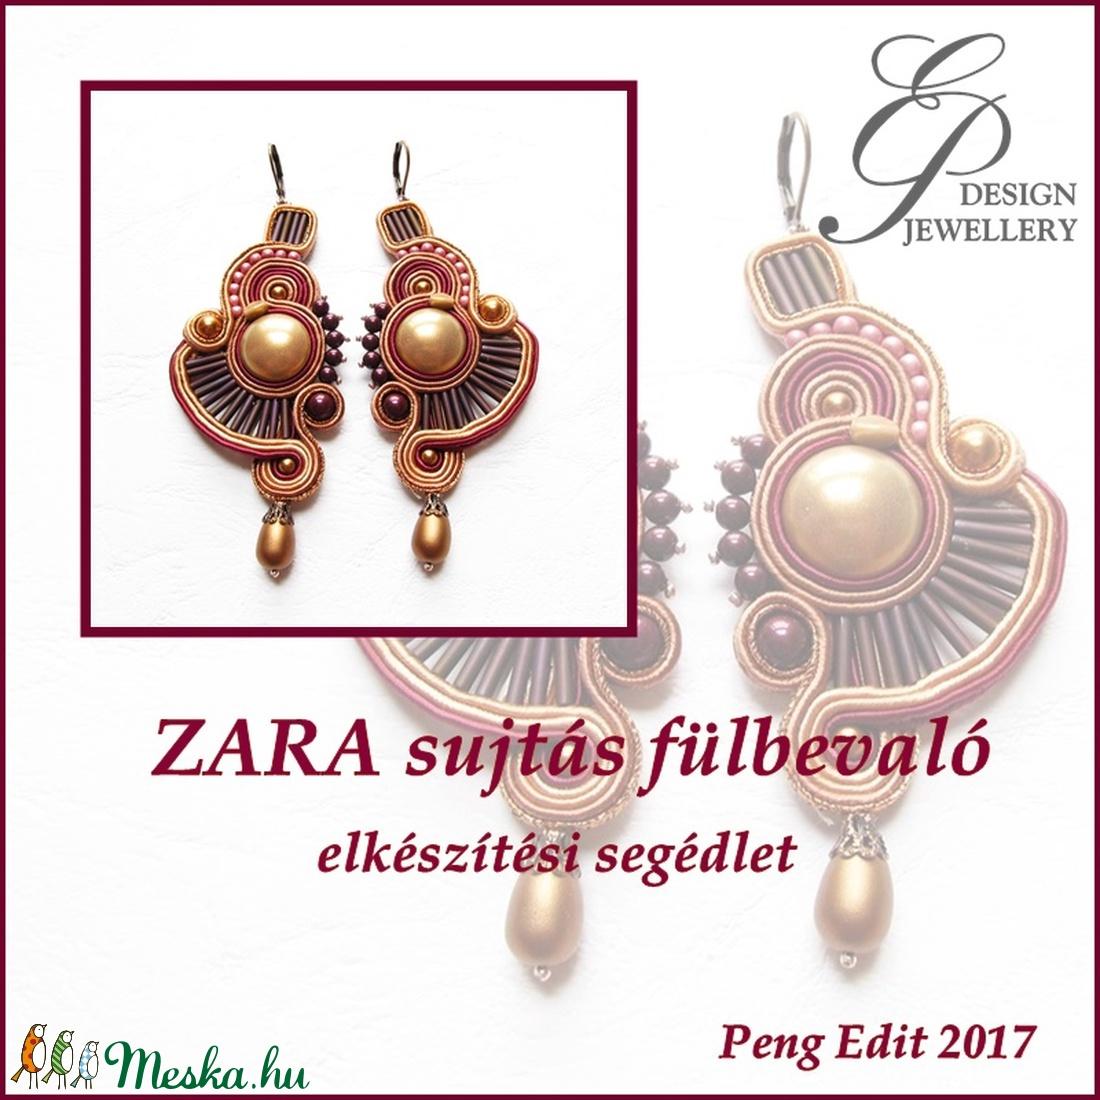 Zara sujtás fülbevaló elkészítési segédlet (Pengedit) - Meska.hu